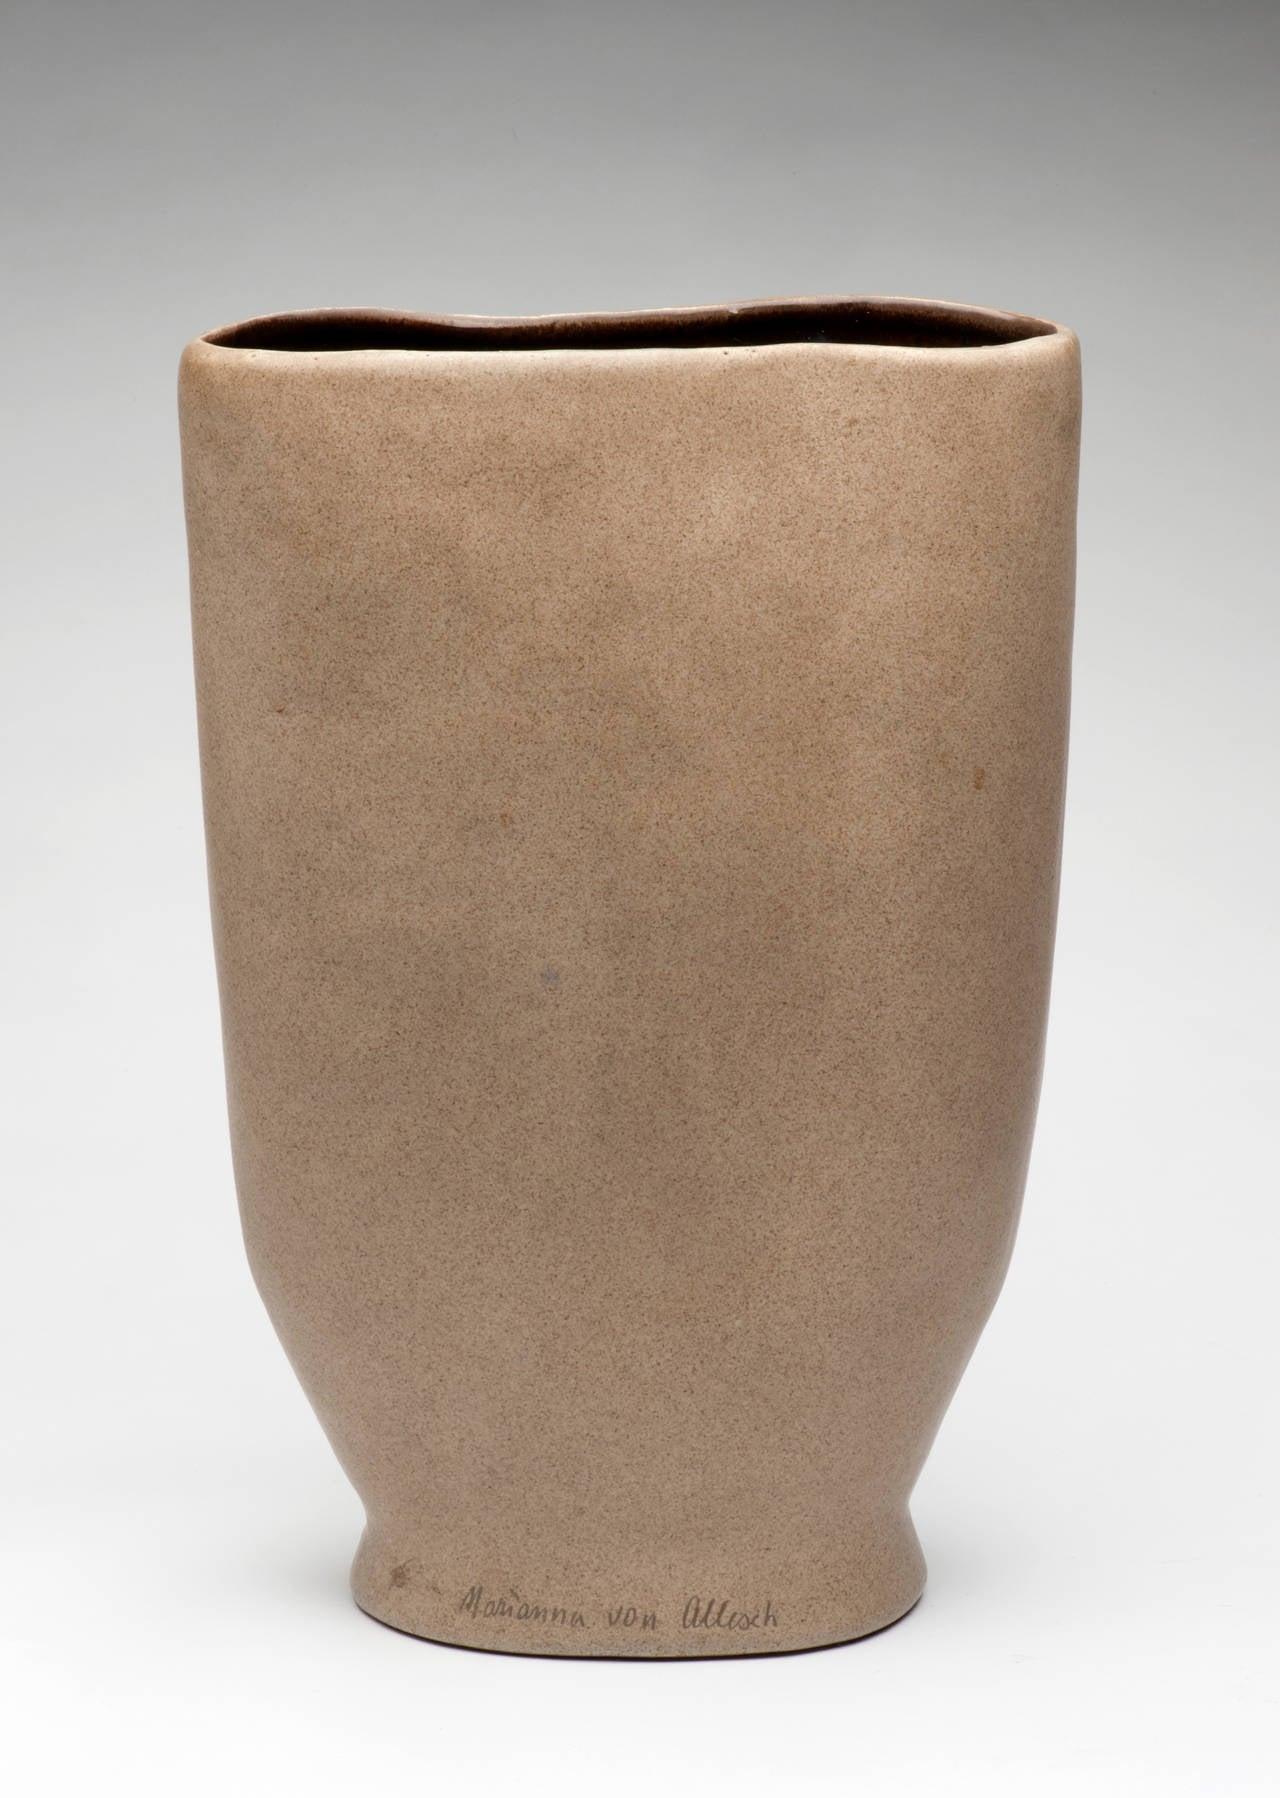 marianna von allesch mid century modern vase for sale at. Black Bedroom Furniture Sets. Home Design Ideas